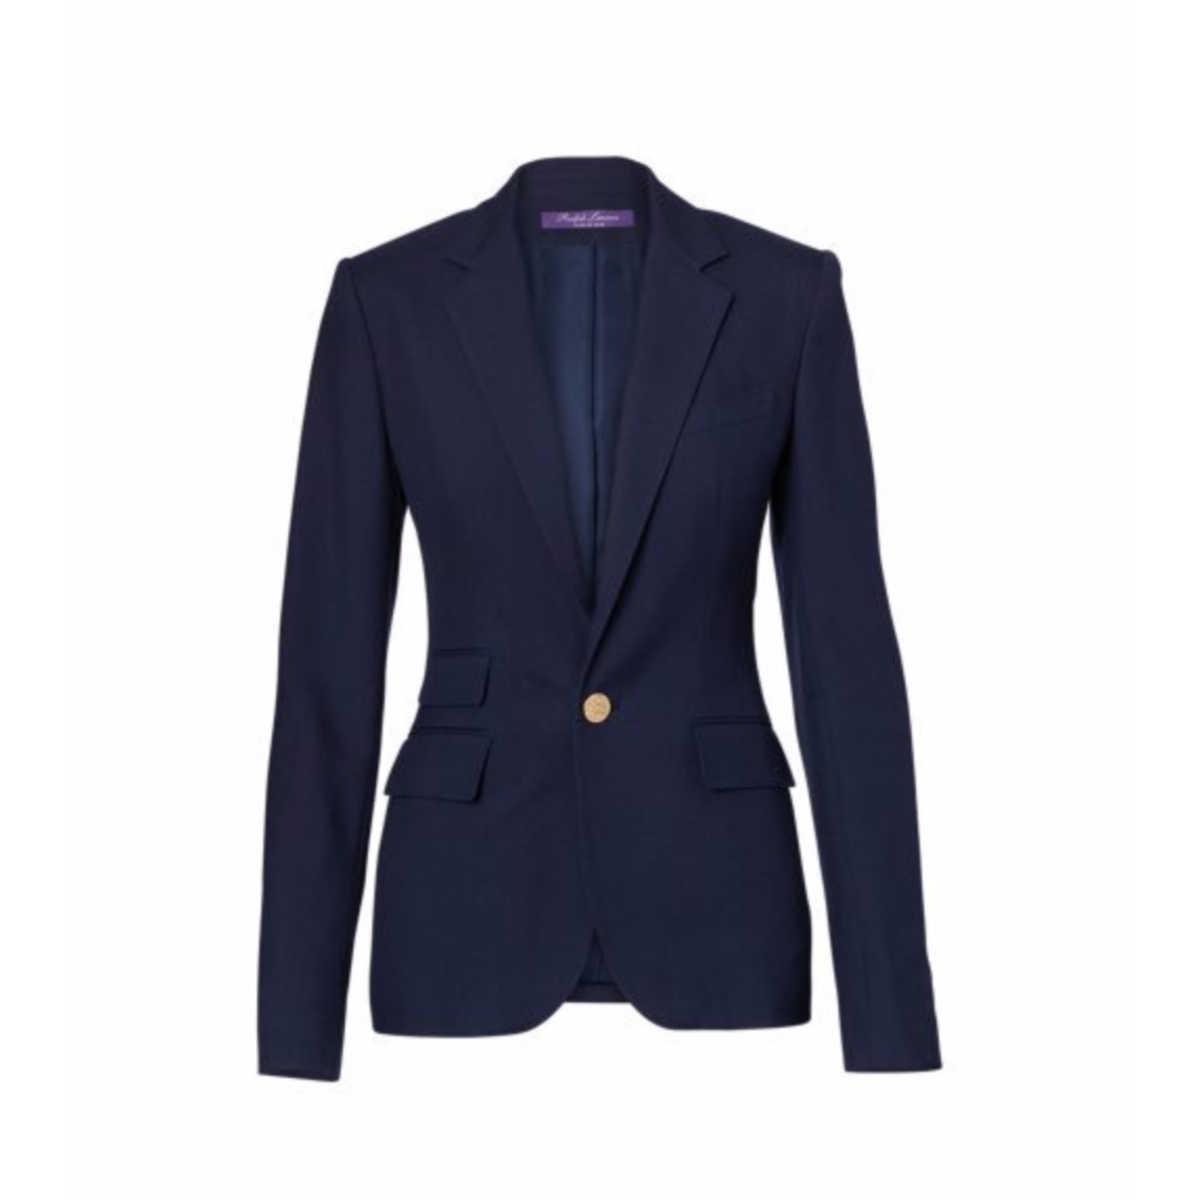 320f1de5e875 Ralph Lauren  Parker  Cashmere Jacket - Meghan s Mirror